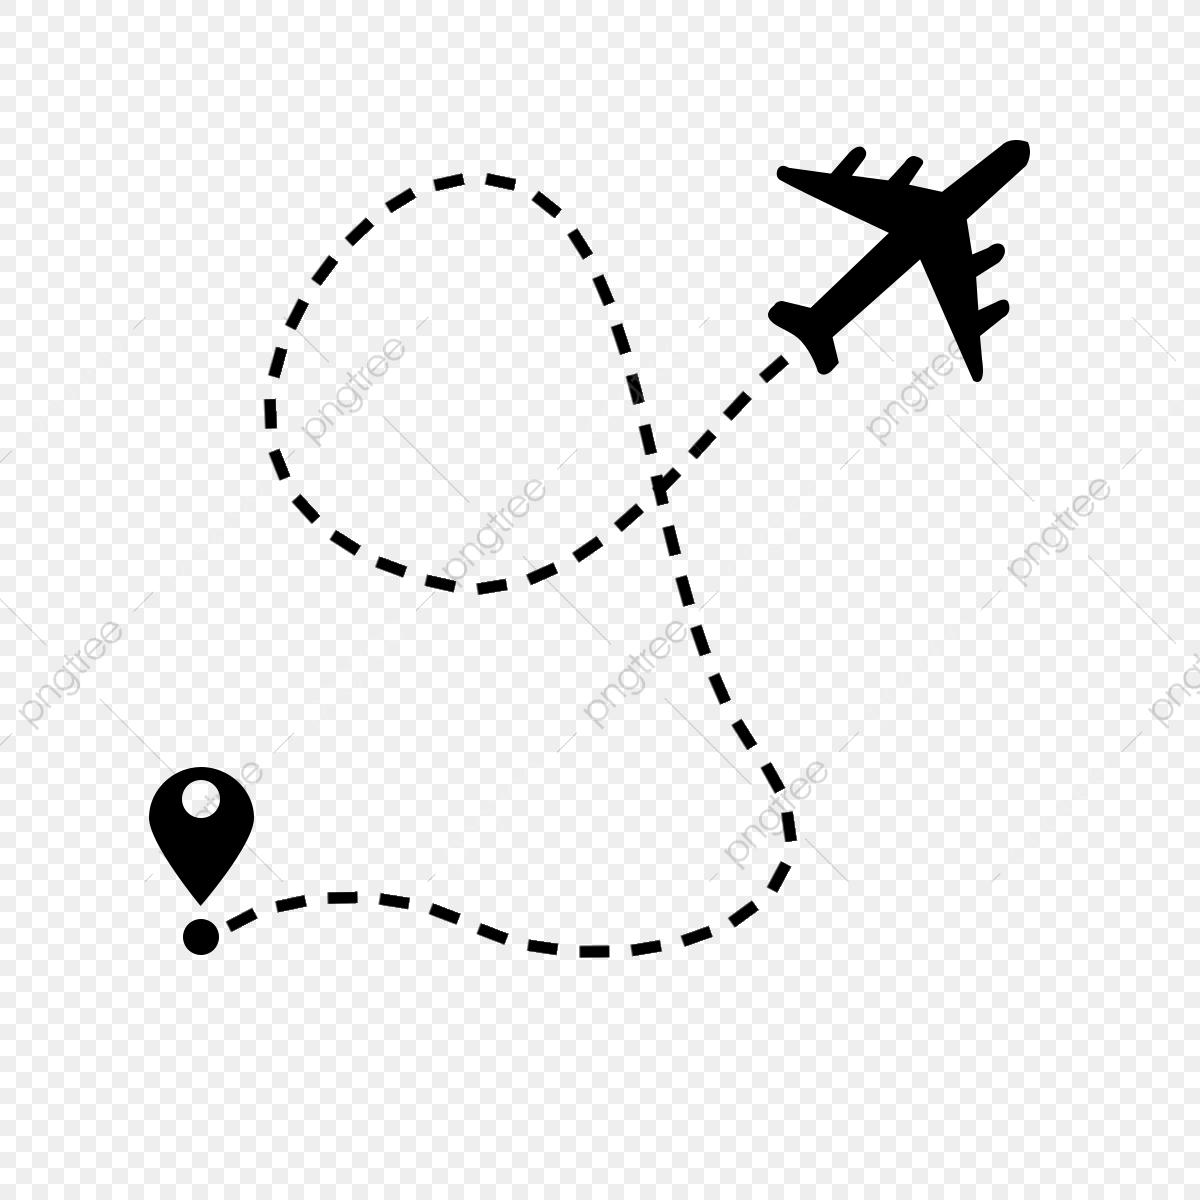 Rota De Voo De Avião Com Ponto De Partida E Traço De Linha De Traço.